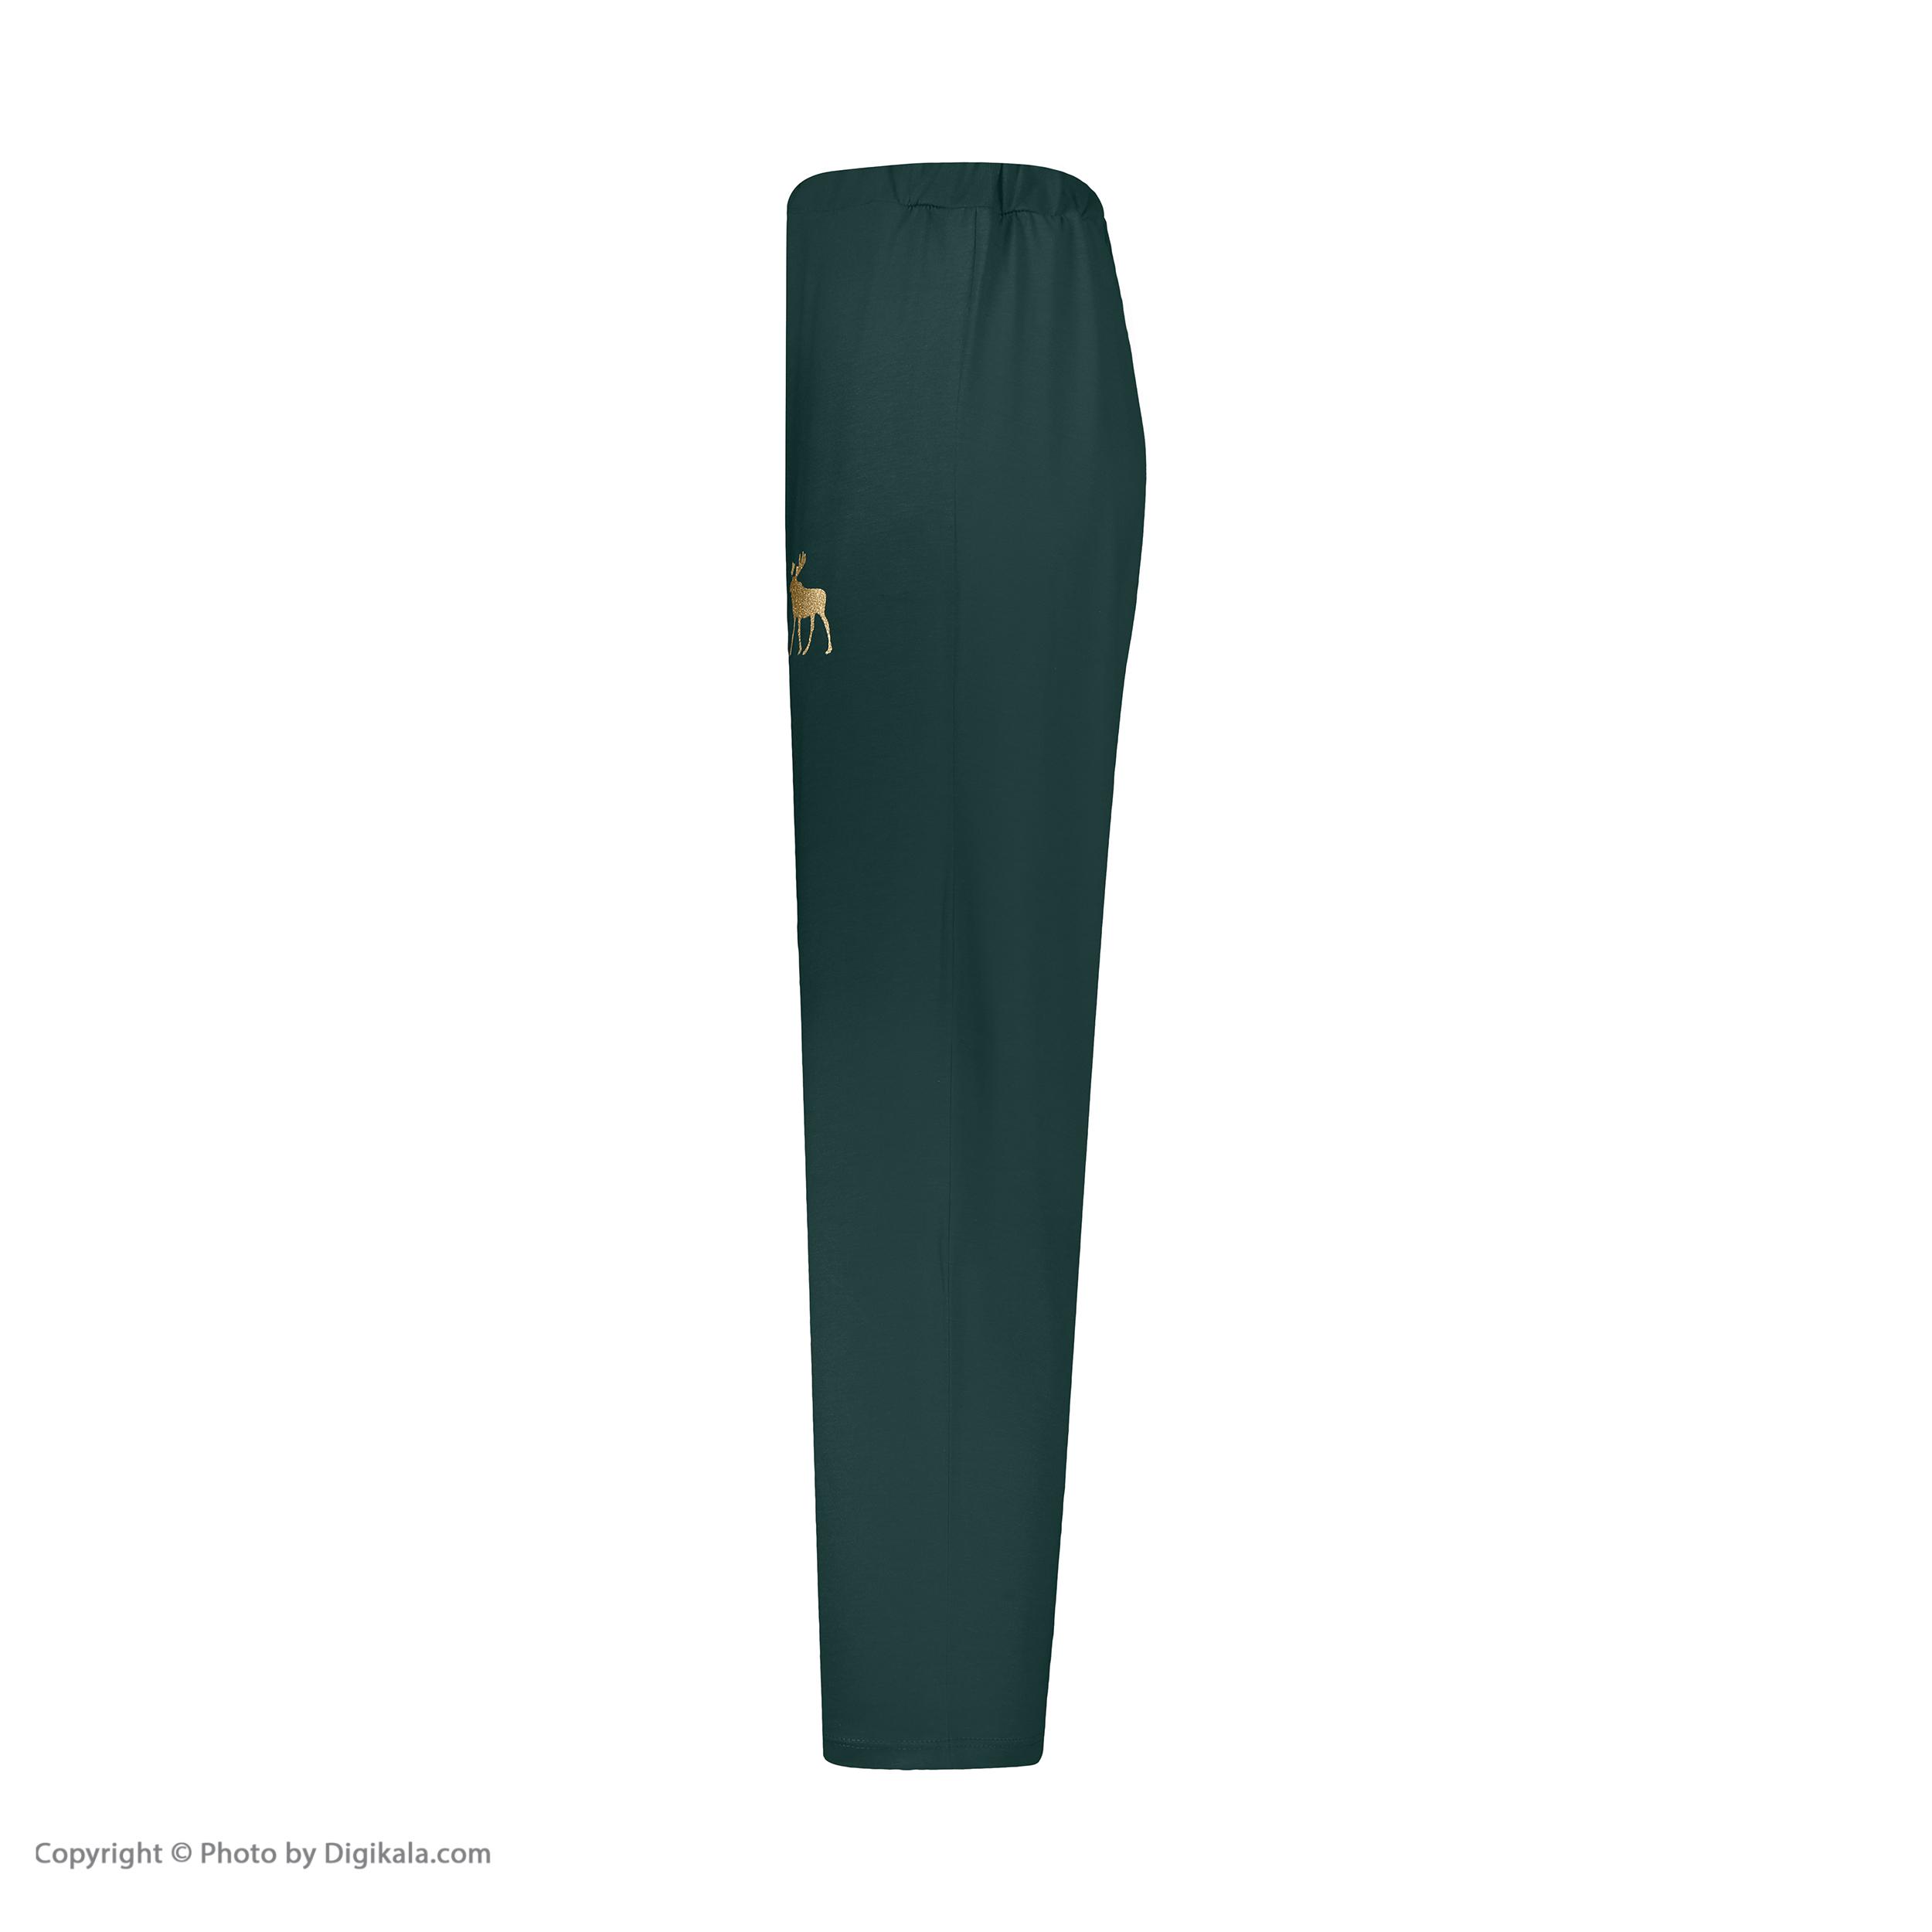 خرید                                      شلوار زنانه کد 065 رنگ سبز                     غیر اصل